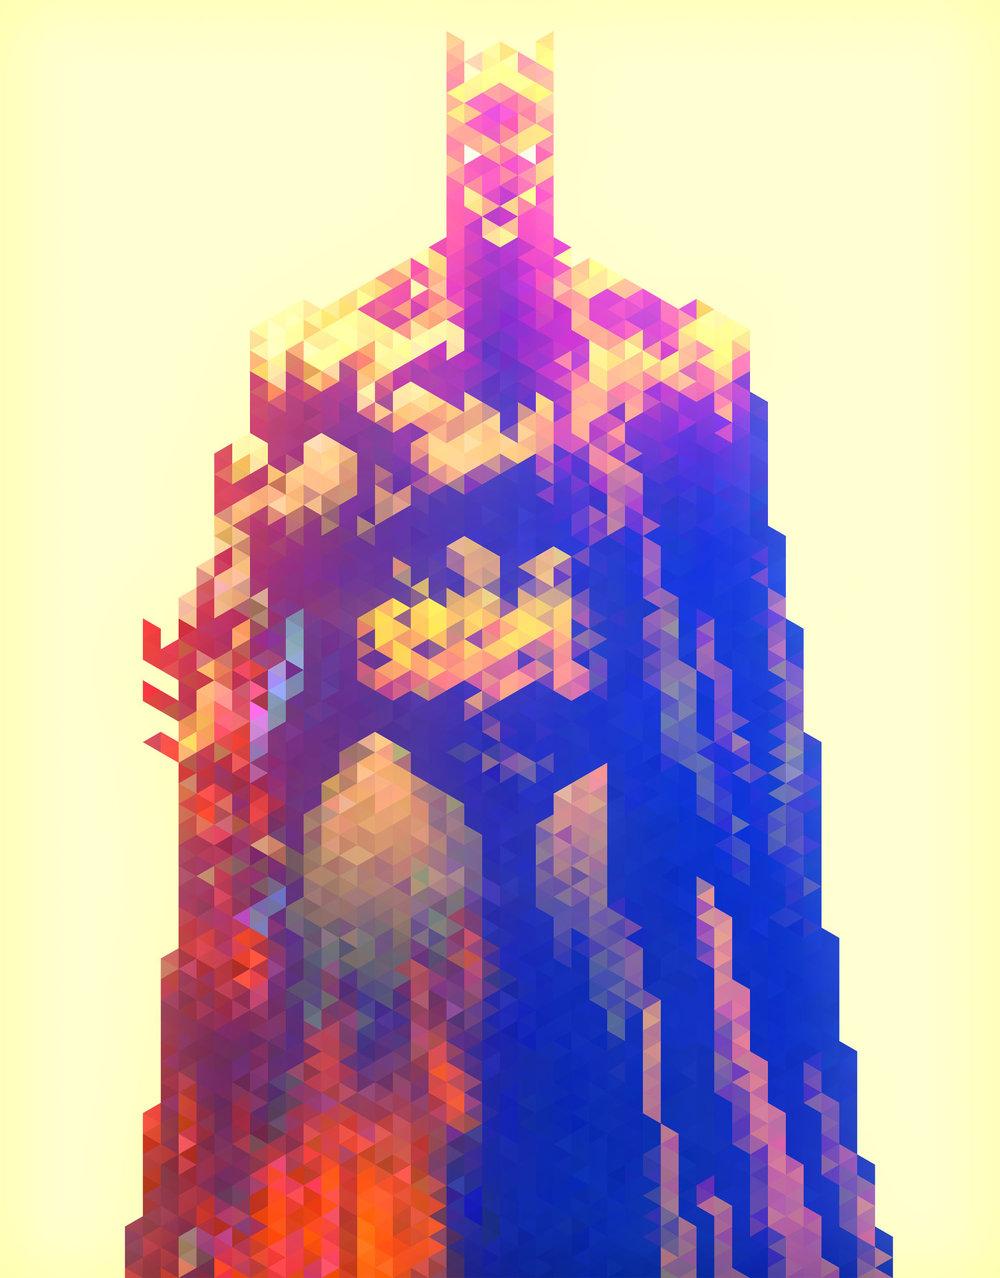 Batsy.jpg